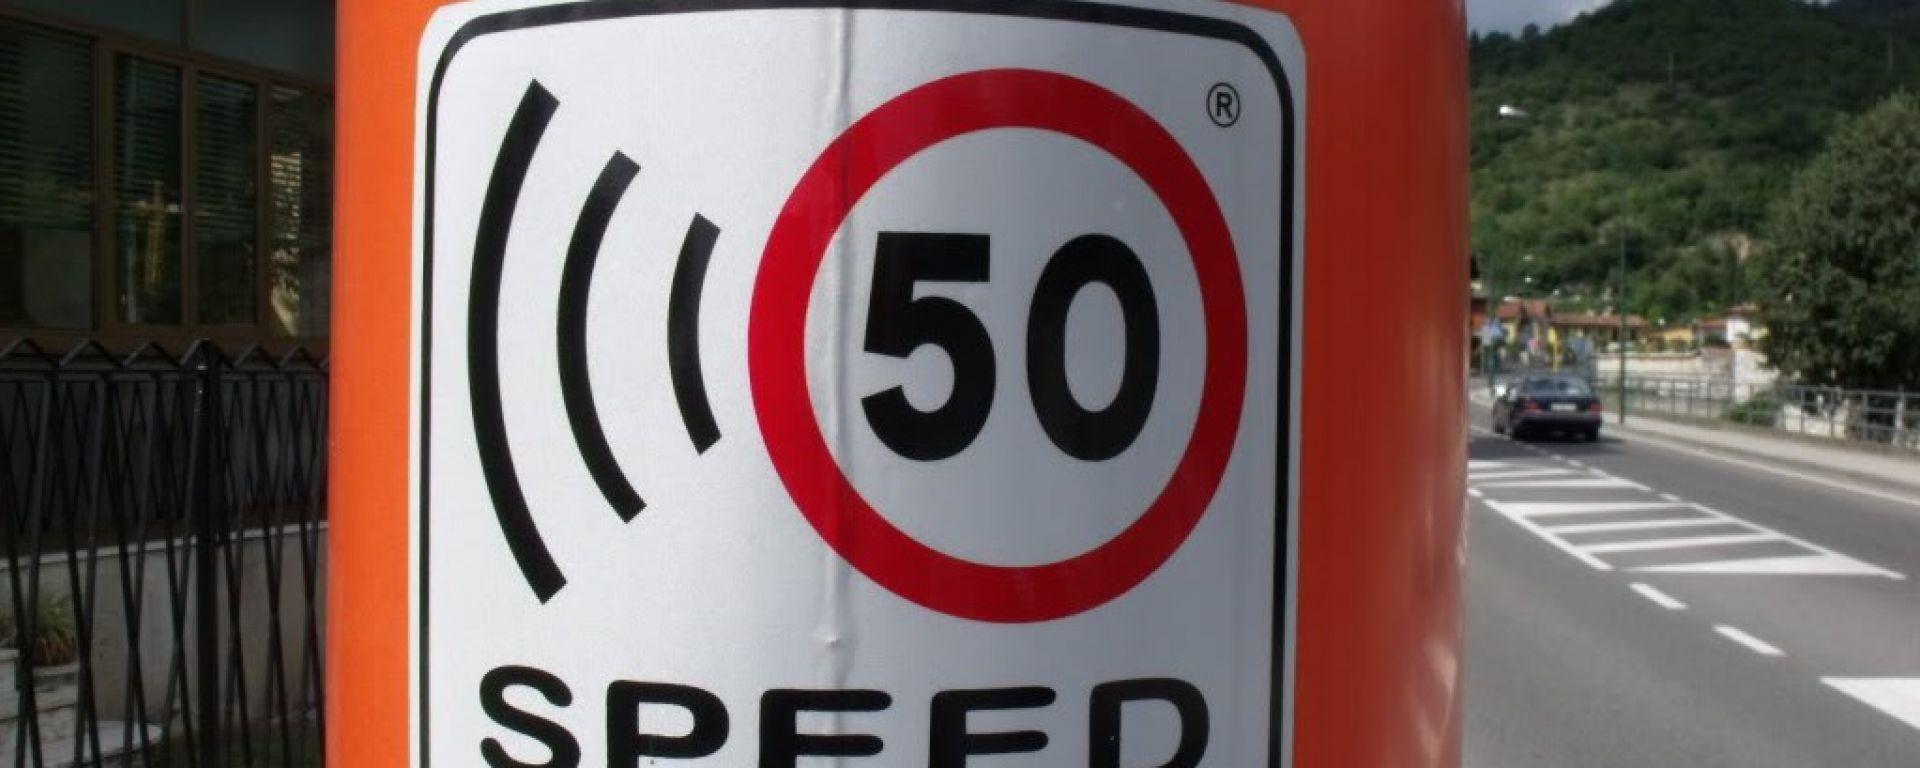 Come evitare le multe: gli Speed-check